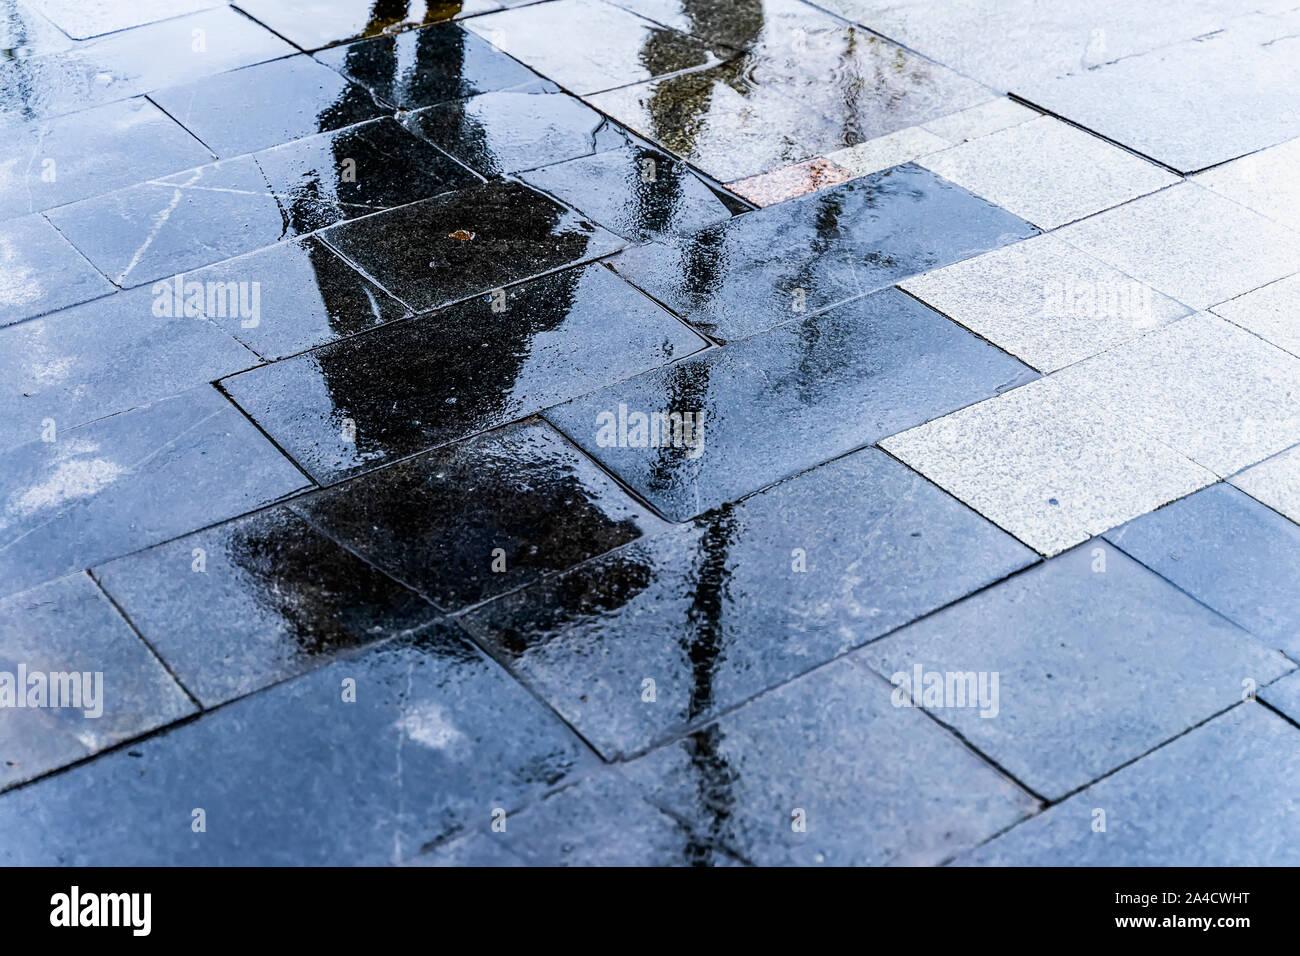 Réflexion floue ombre silhouette d'une femme de marcher sous parapluie dans une ville piétonne Rue humide dans une flaque, soir de pluie d'automne Banque D'Images